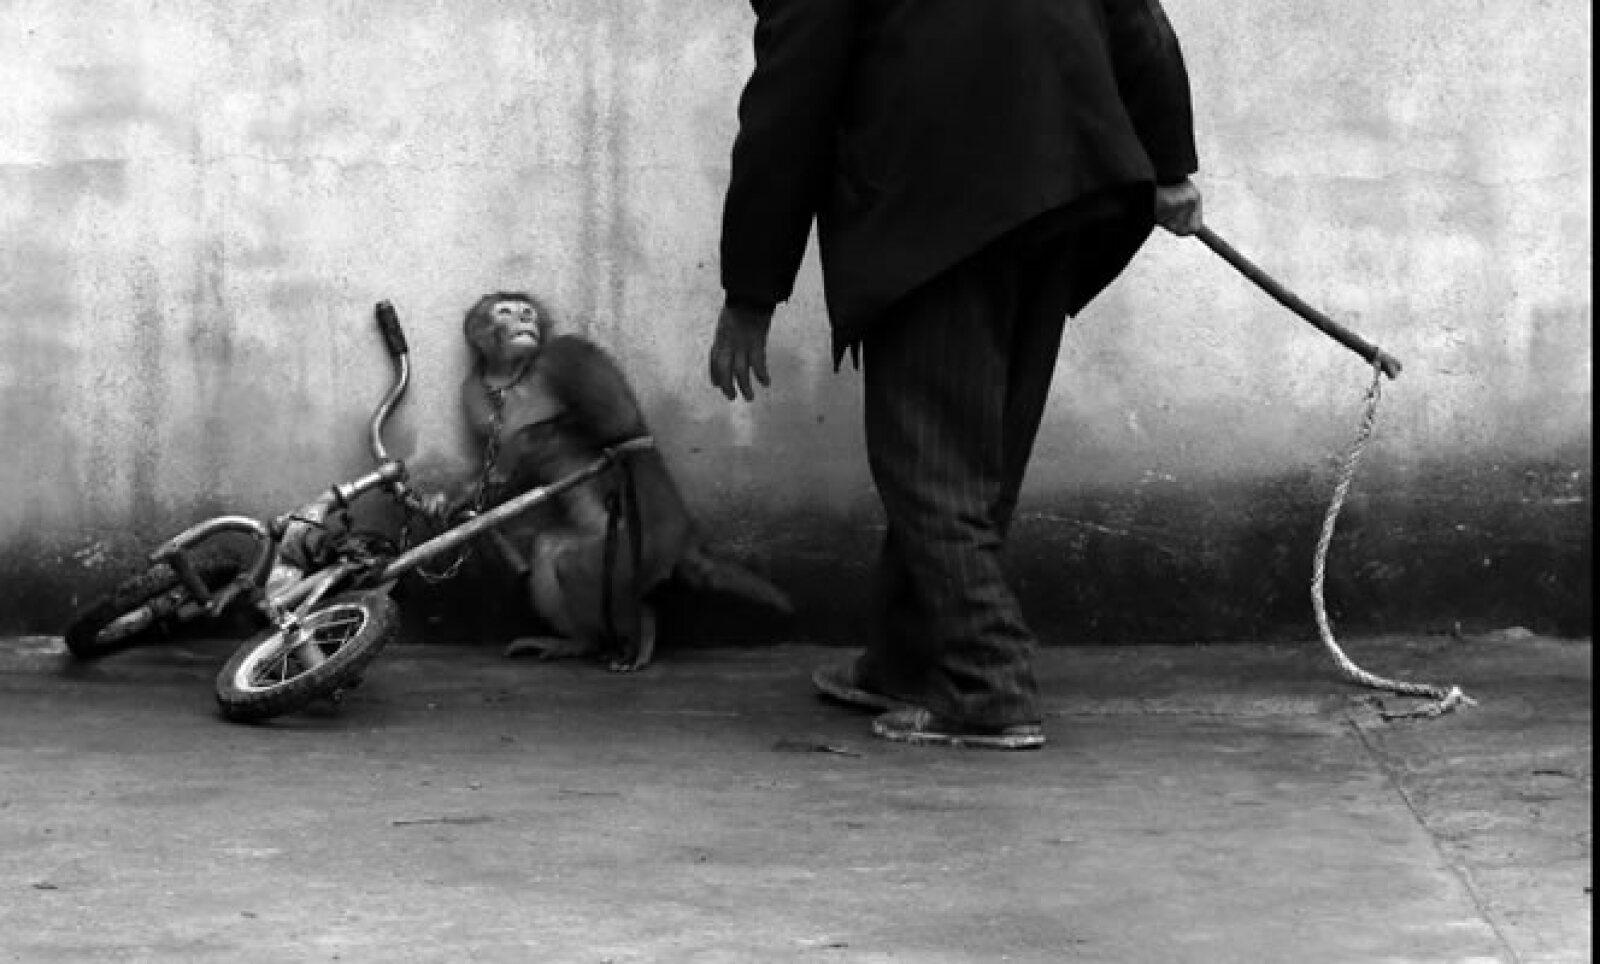 Un mono se enconge cuando su domador se acerca durante el entrenamiento en un circo de Suzhou, provincia de Anhui, China. Su autor, Yongzhi Chu, ganó en la categoría Naturaleza.